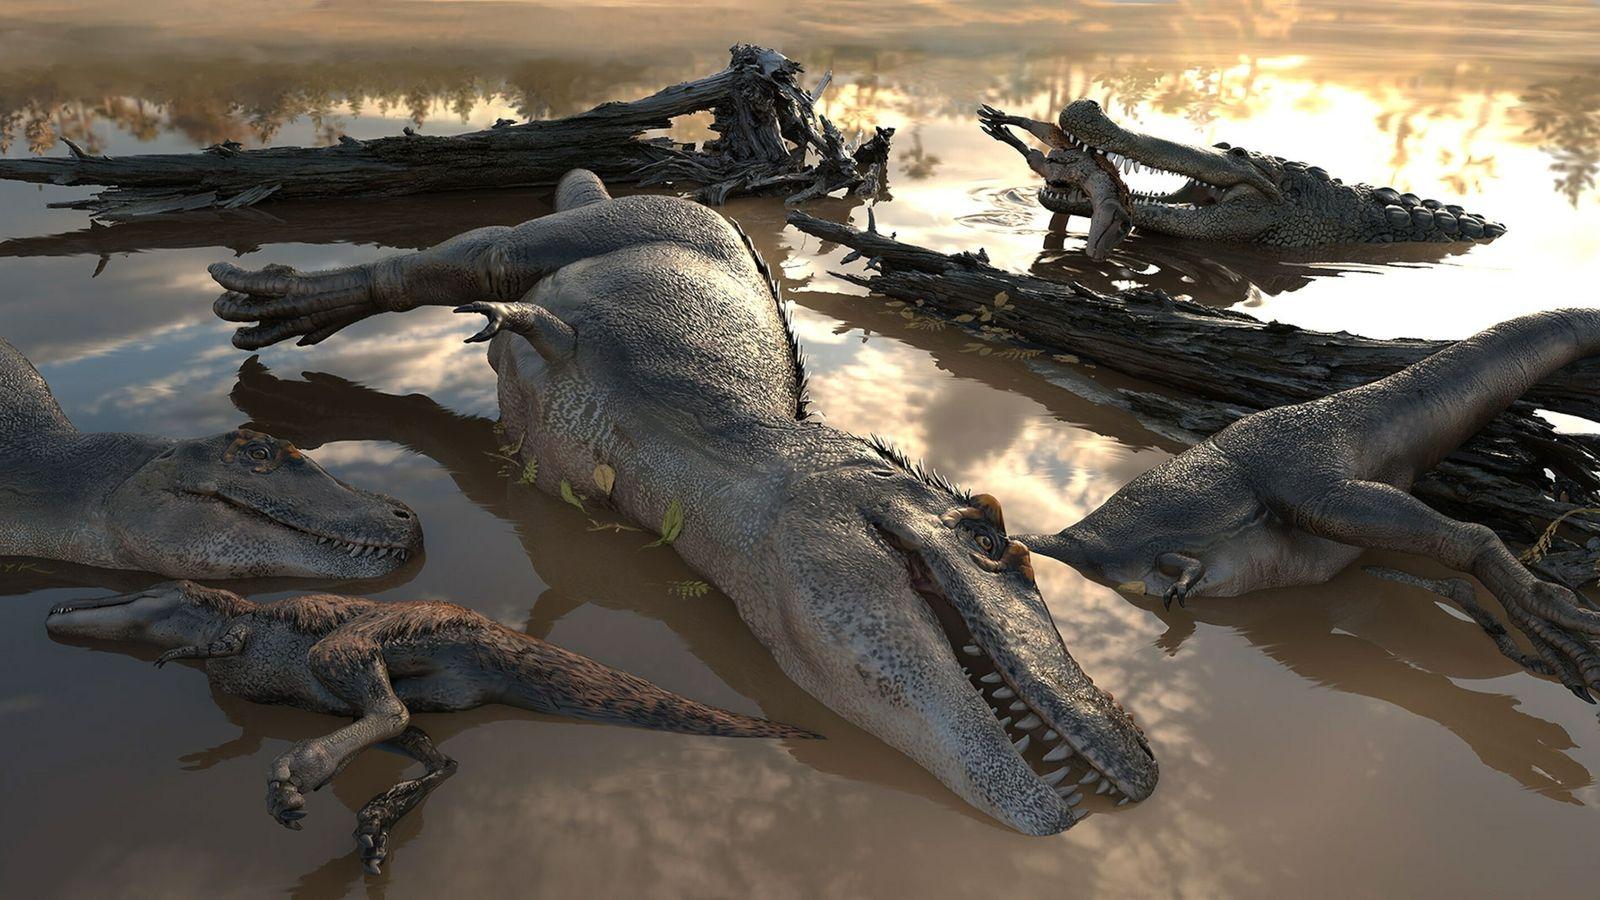 Grupo de tiranosaurios ahogados y cocodriliano carroñero